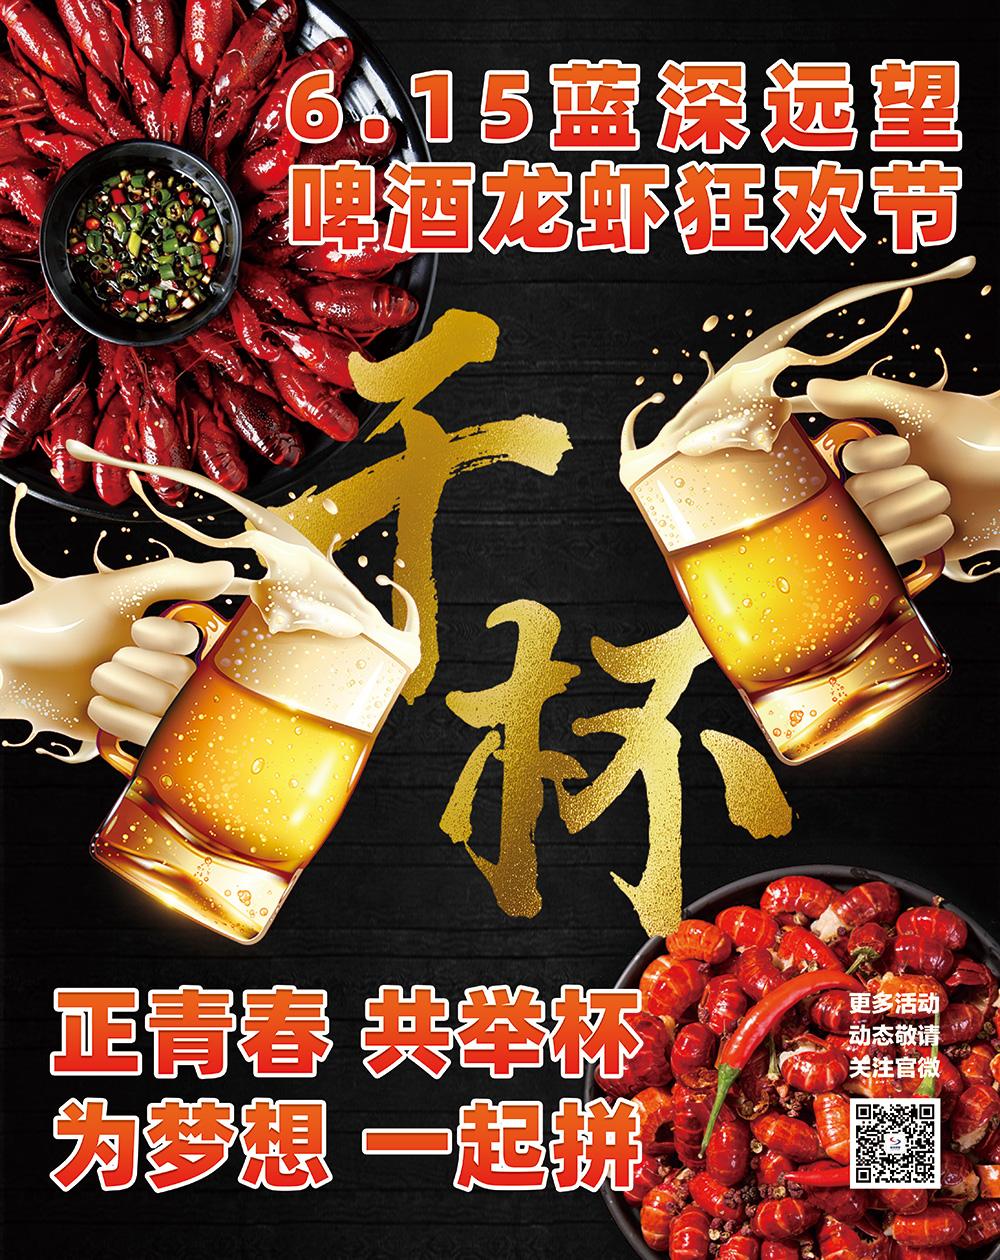 啤酒龙虾节海报-web